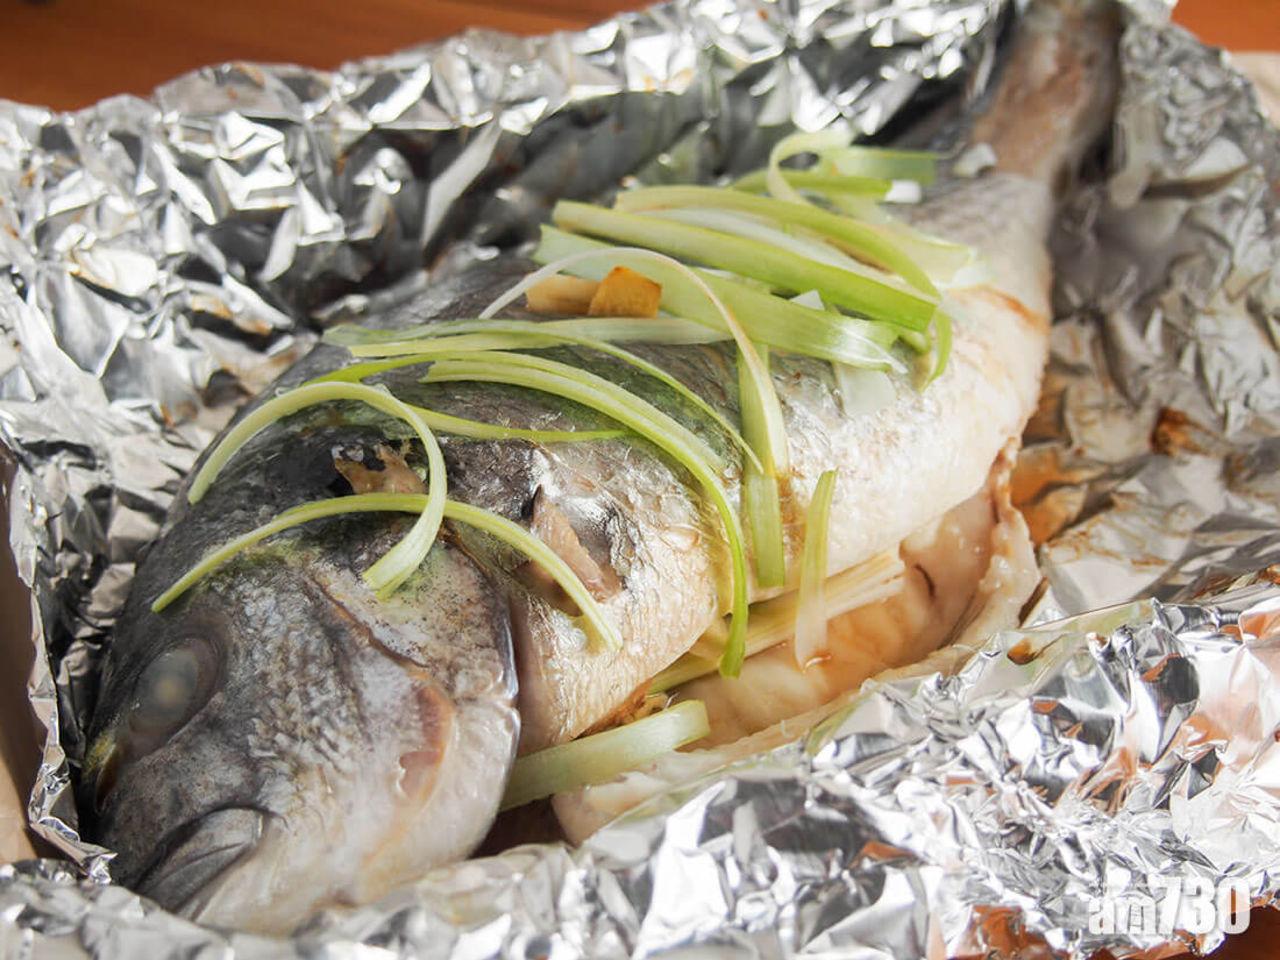 對於已患有心血管疾病高危因素的人,若能每星期進食2份含Omega-3的魚類,則可減低心臟病和中風等心血管疾病發生。(互聯網圖片)